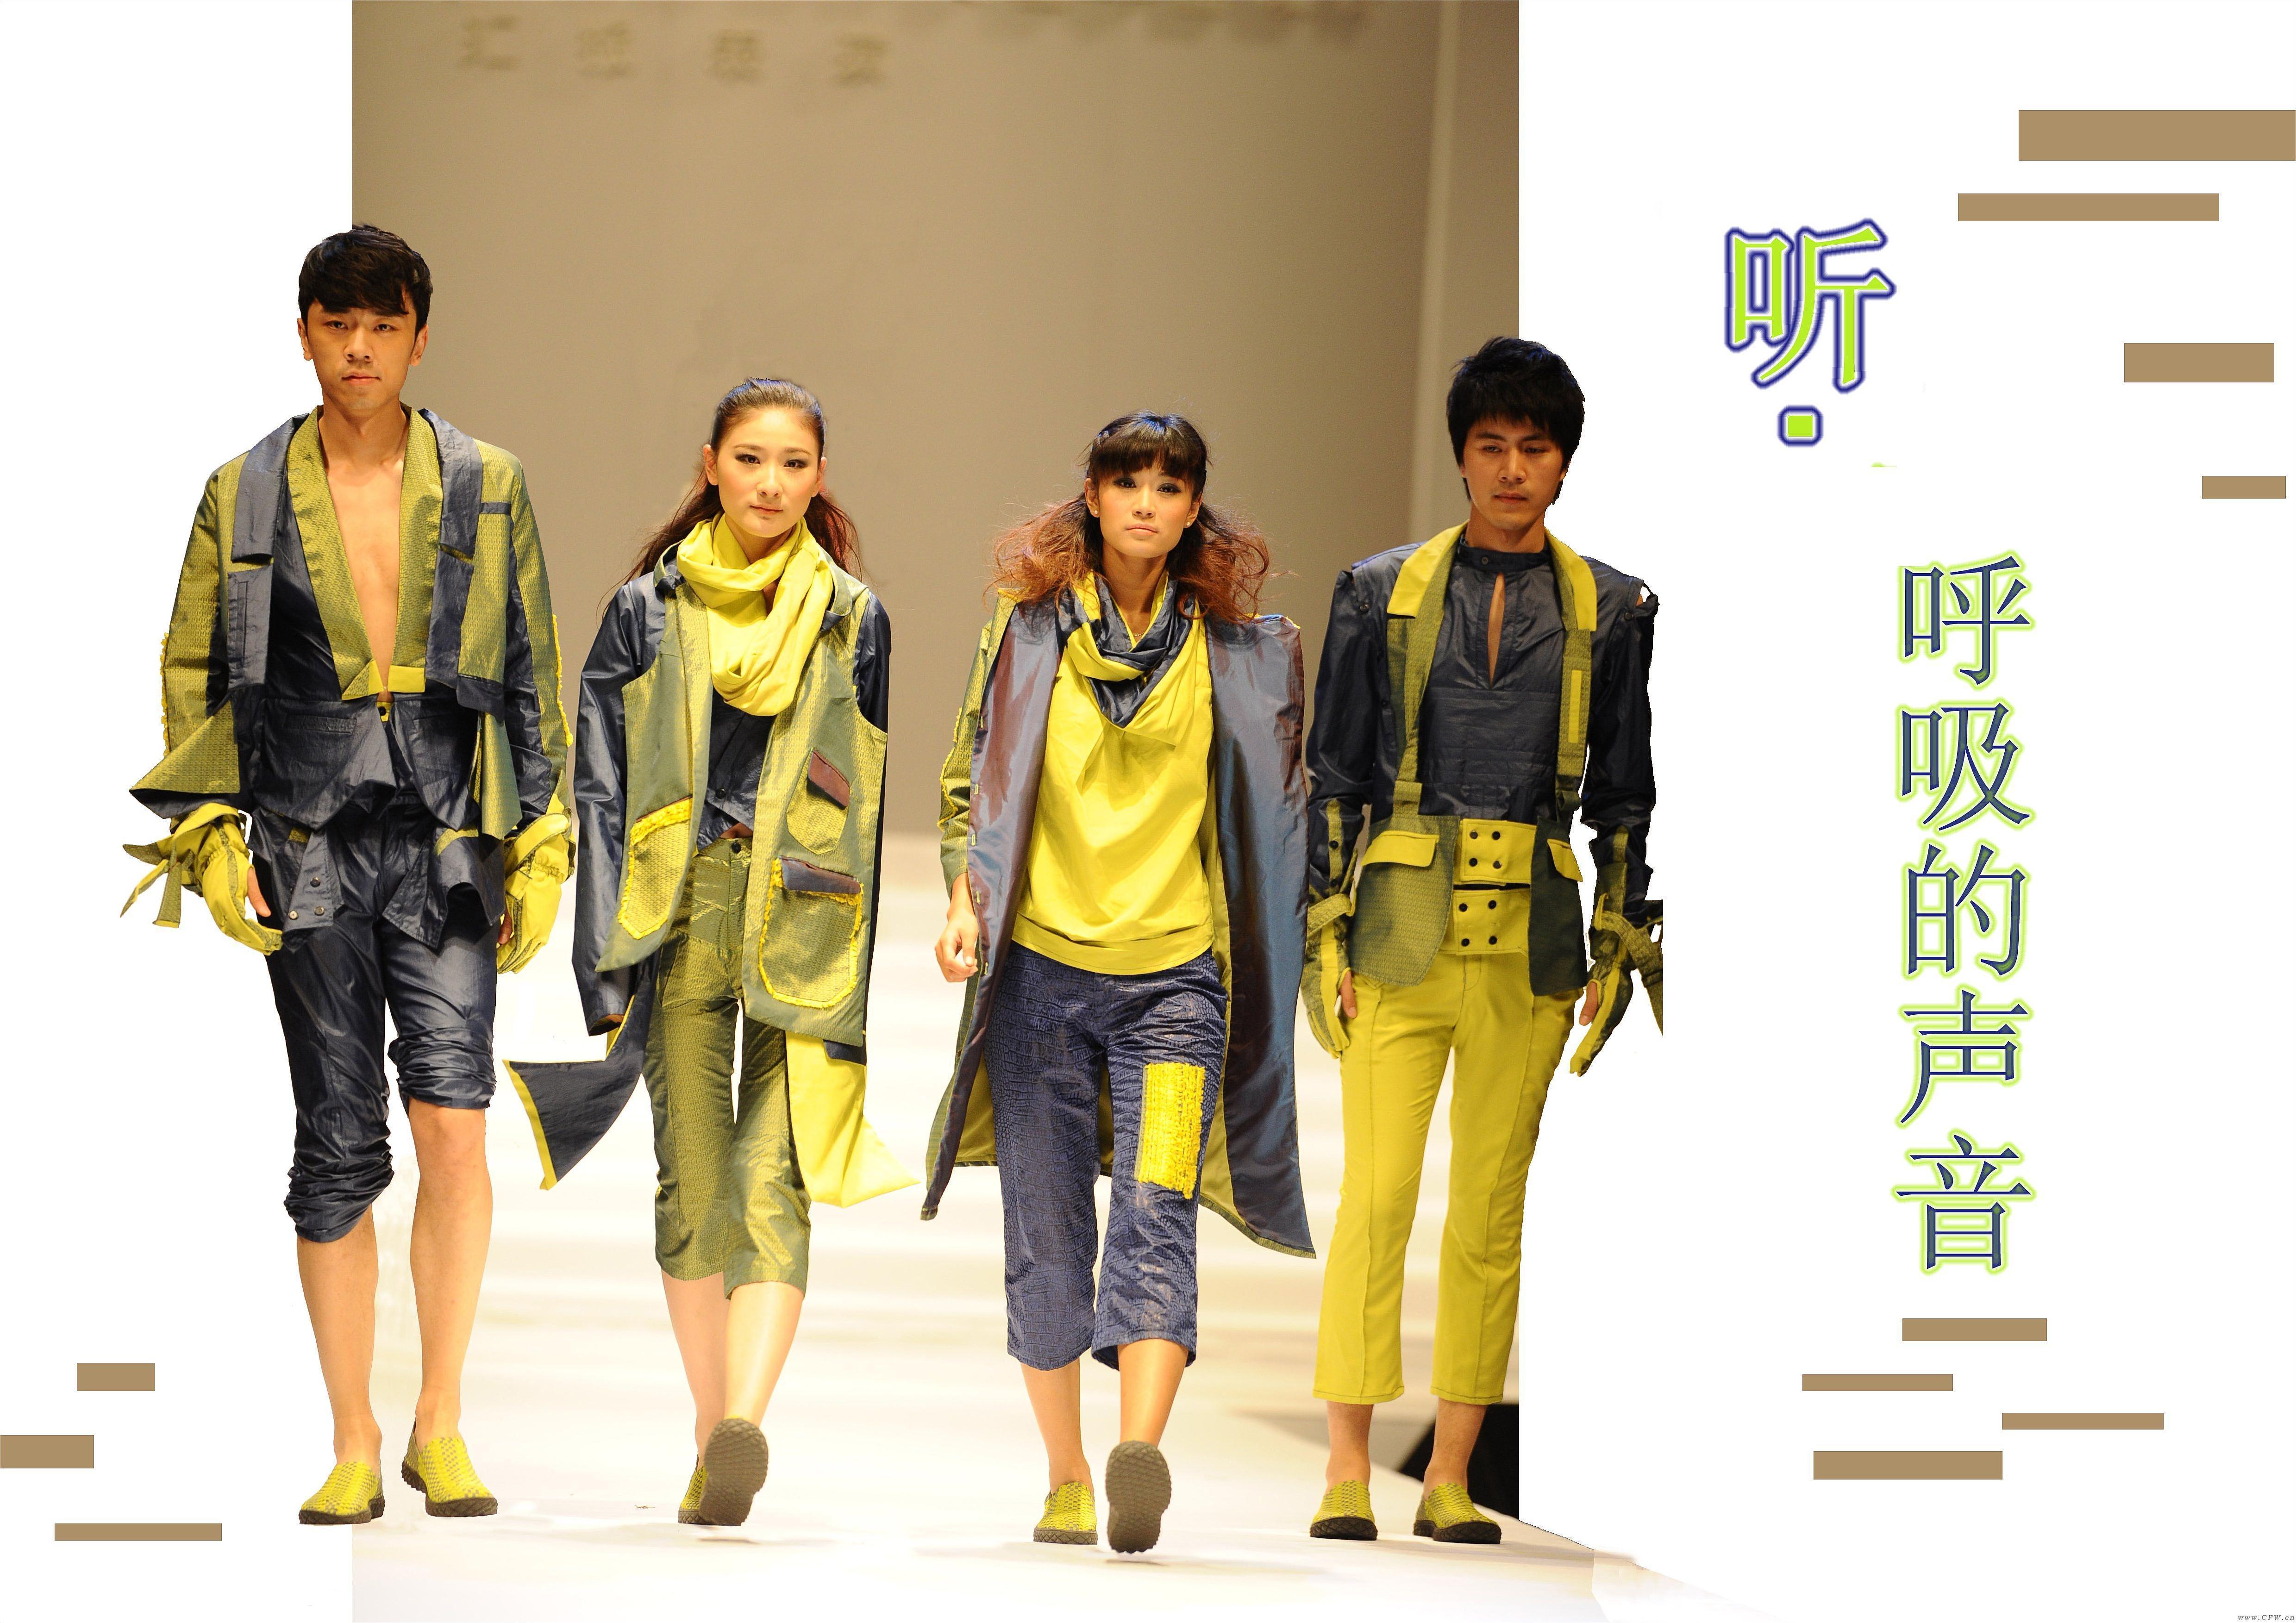 生态服装设计作品-生态服装设计款式图